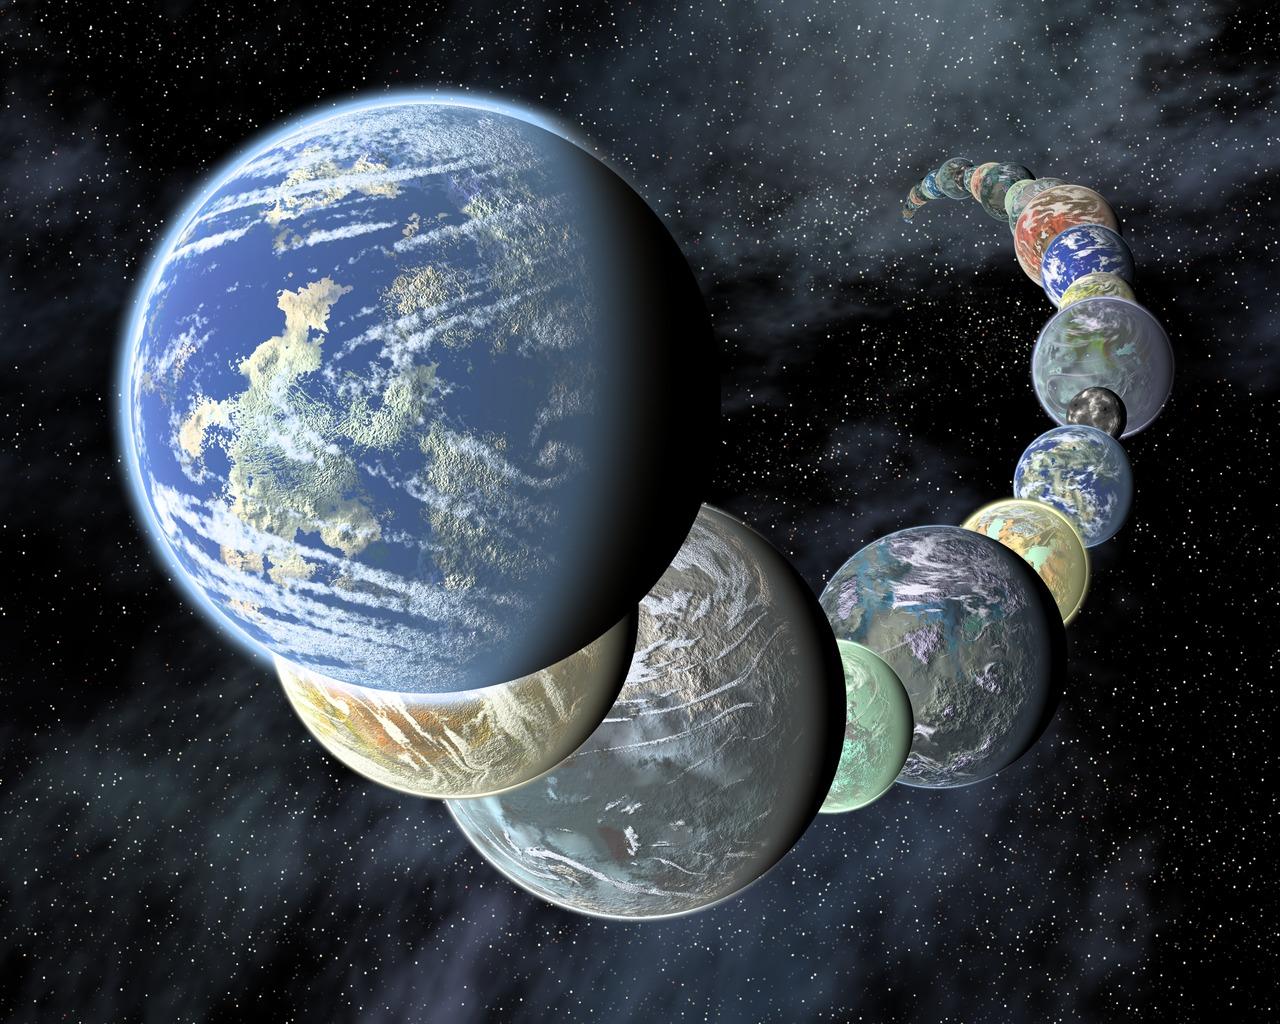 ჩვენს გალაქტიკაში სავარაუდოდ 10 მილიარდი დედამიწის მსგავსი პლანეტაა - ახალი კვლევა